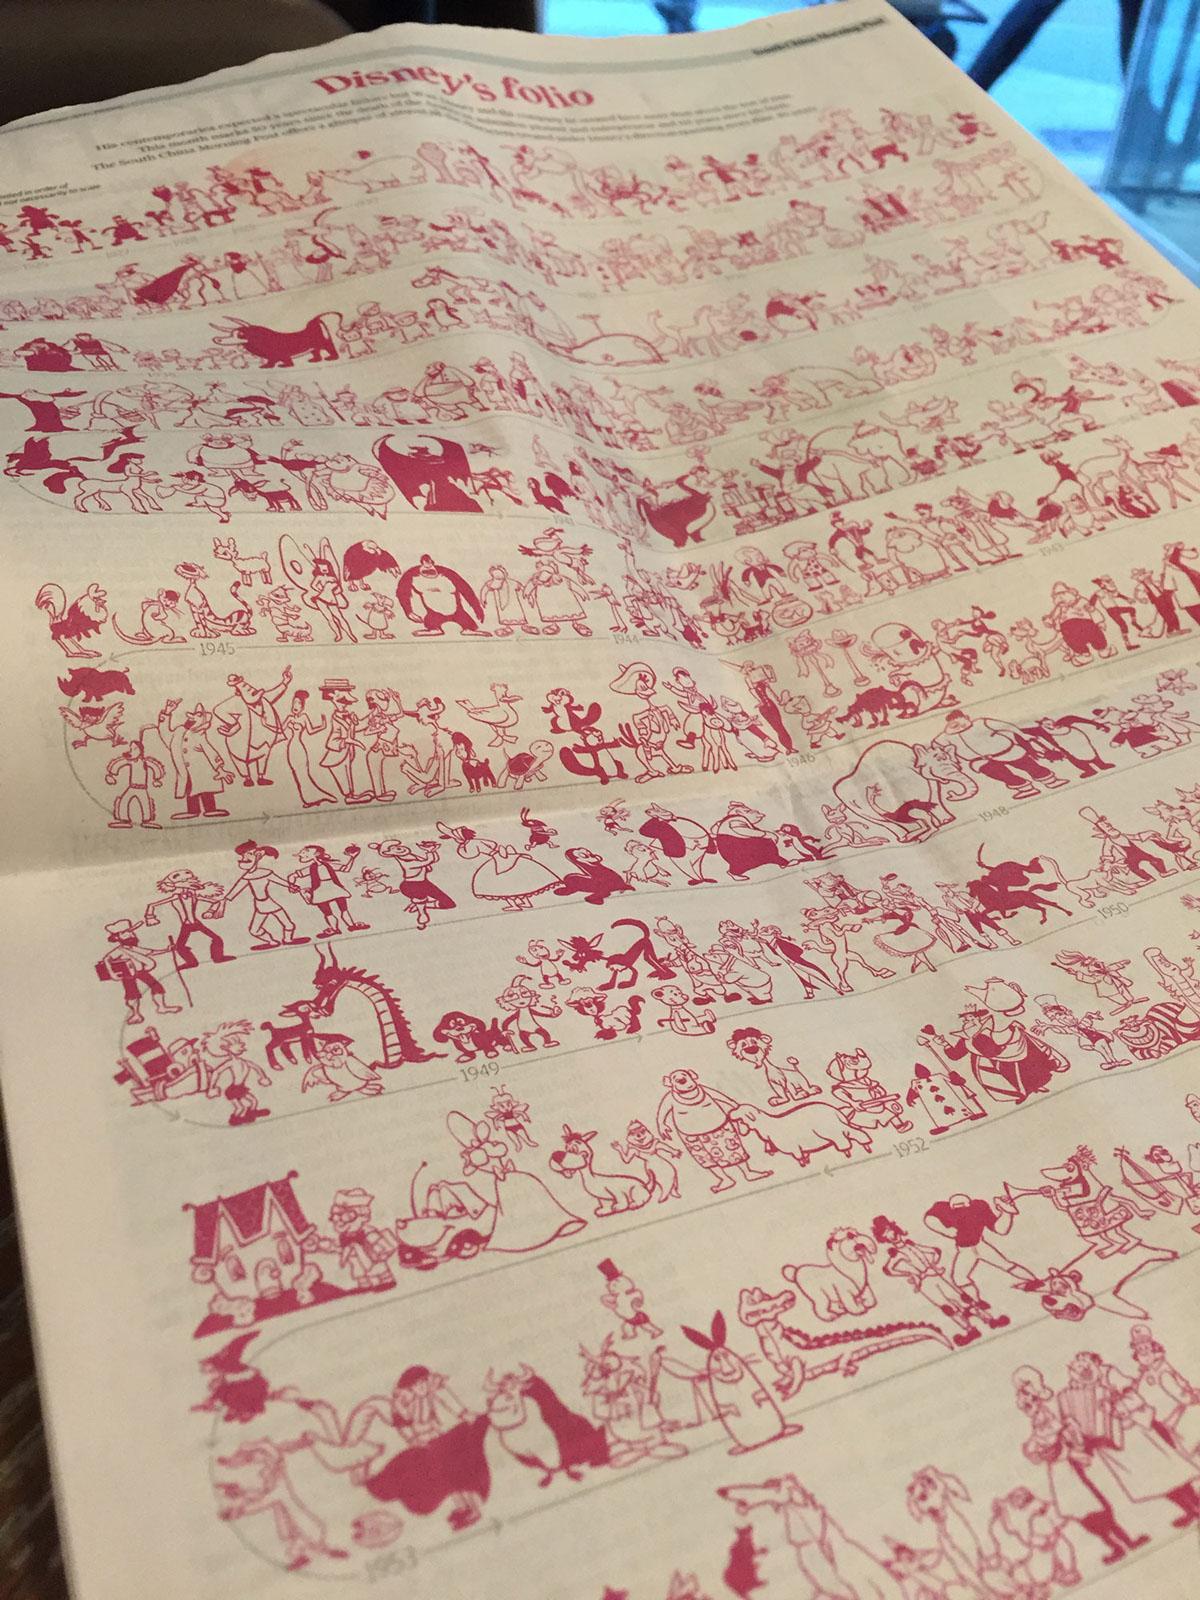 Disneys Folio - 3